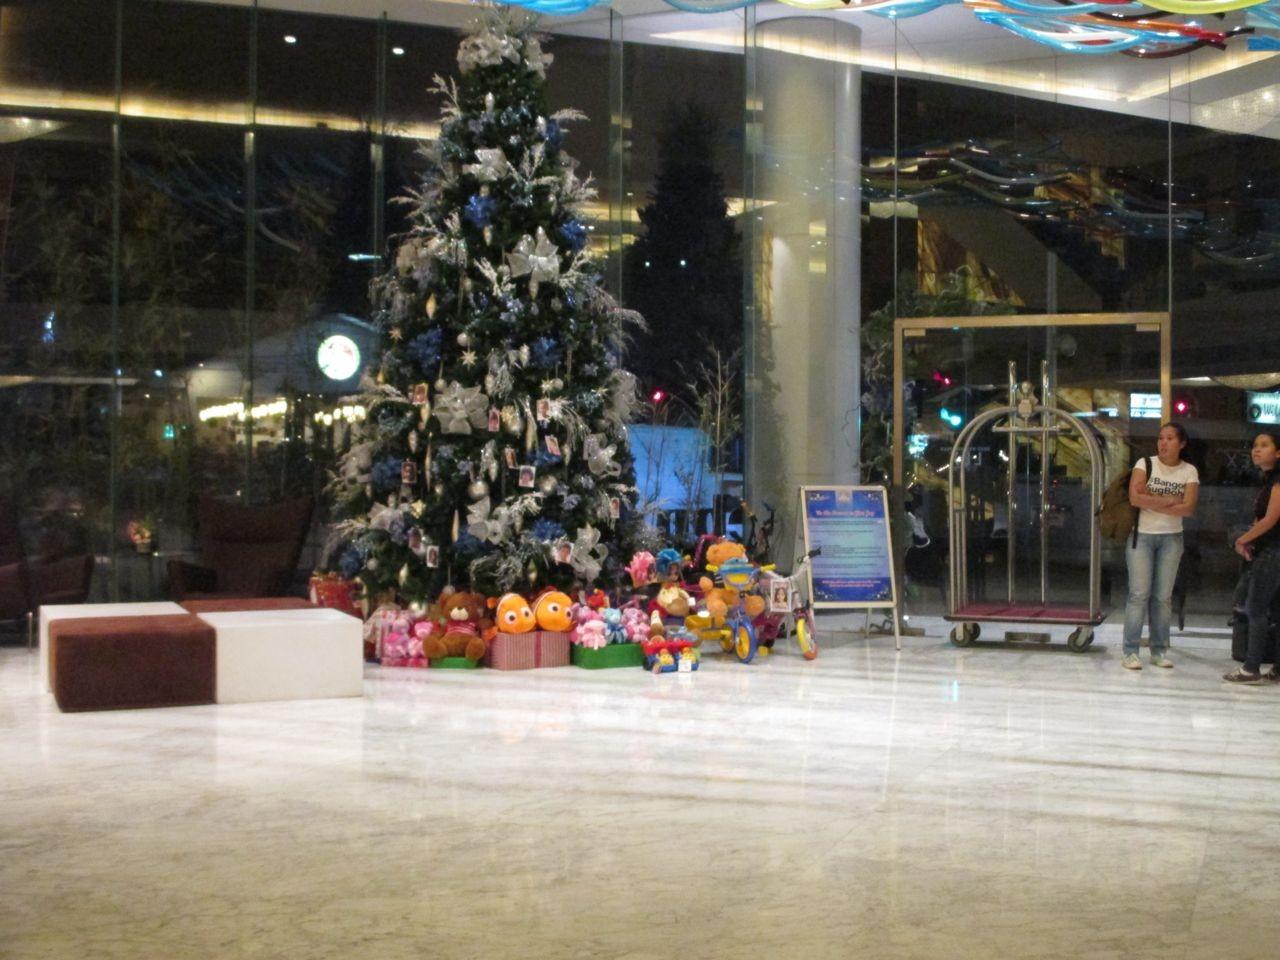 ein Weihnachtsbaum im Hotel in Cebu City, eine tolle Aktion: man konnte sich ein Bild eines Kindes aussuchen und dem Kind Weihnachtsgeschenke kaufen unter den Baum legen, dies taten wir natürlich auch